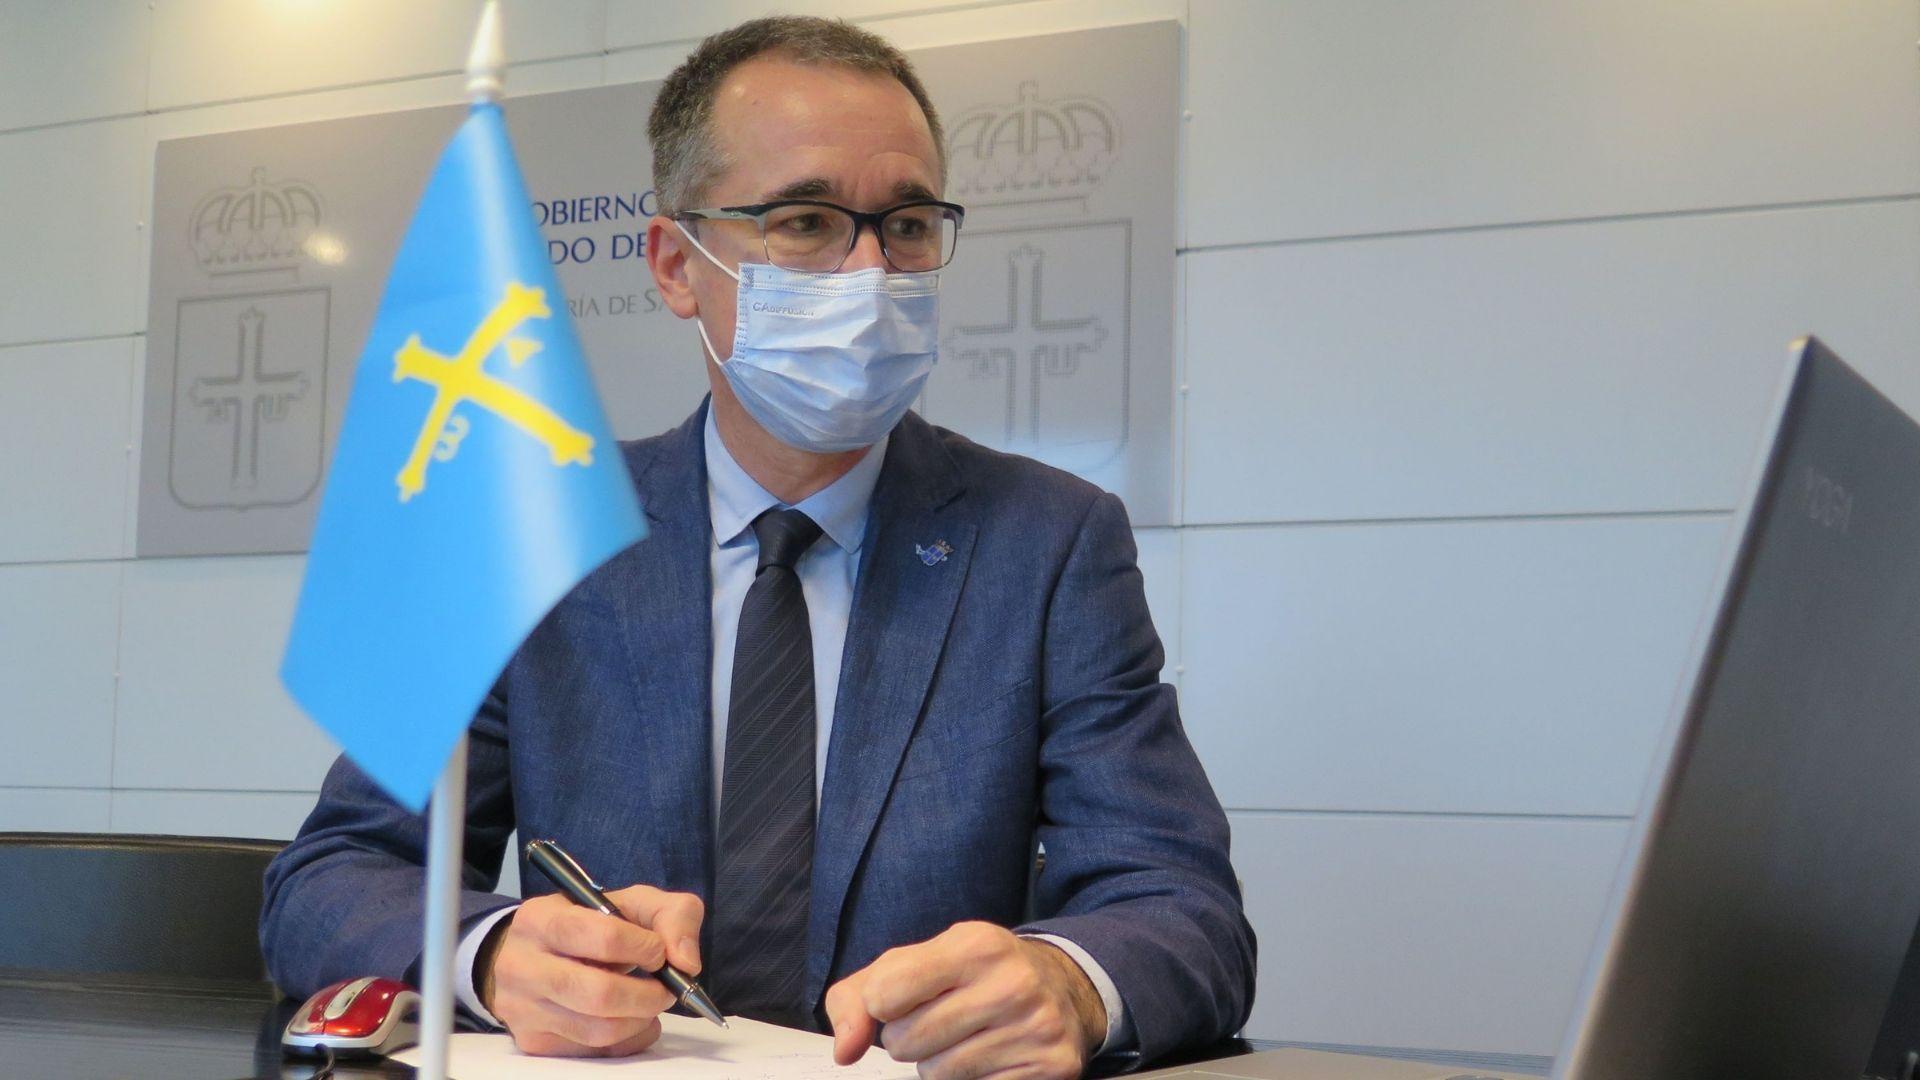 El consejero de Salud, Pablo Fernández Muñiz, que ha participado por videoconferencia en la reunión extraordinaria del pleno del Consejo Interterritorial del Sistema Nacional de Salud sobre la evolución de la pandemia del coronavirus